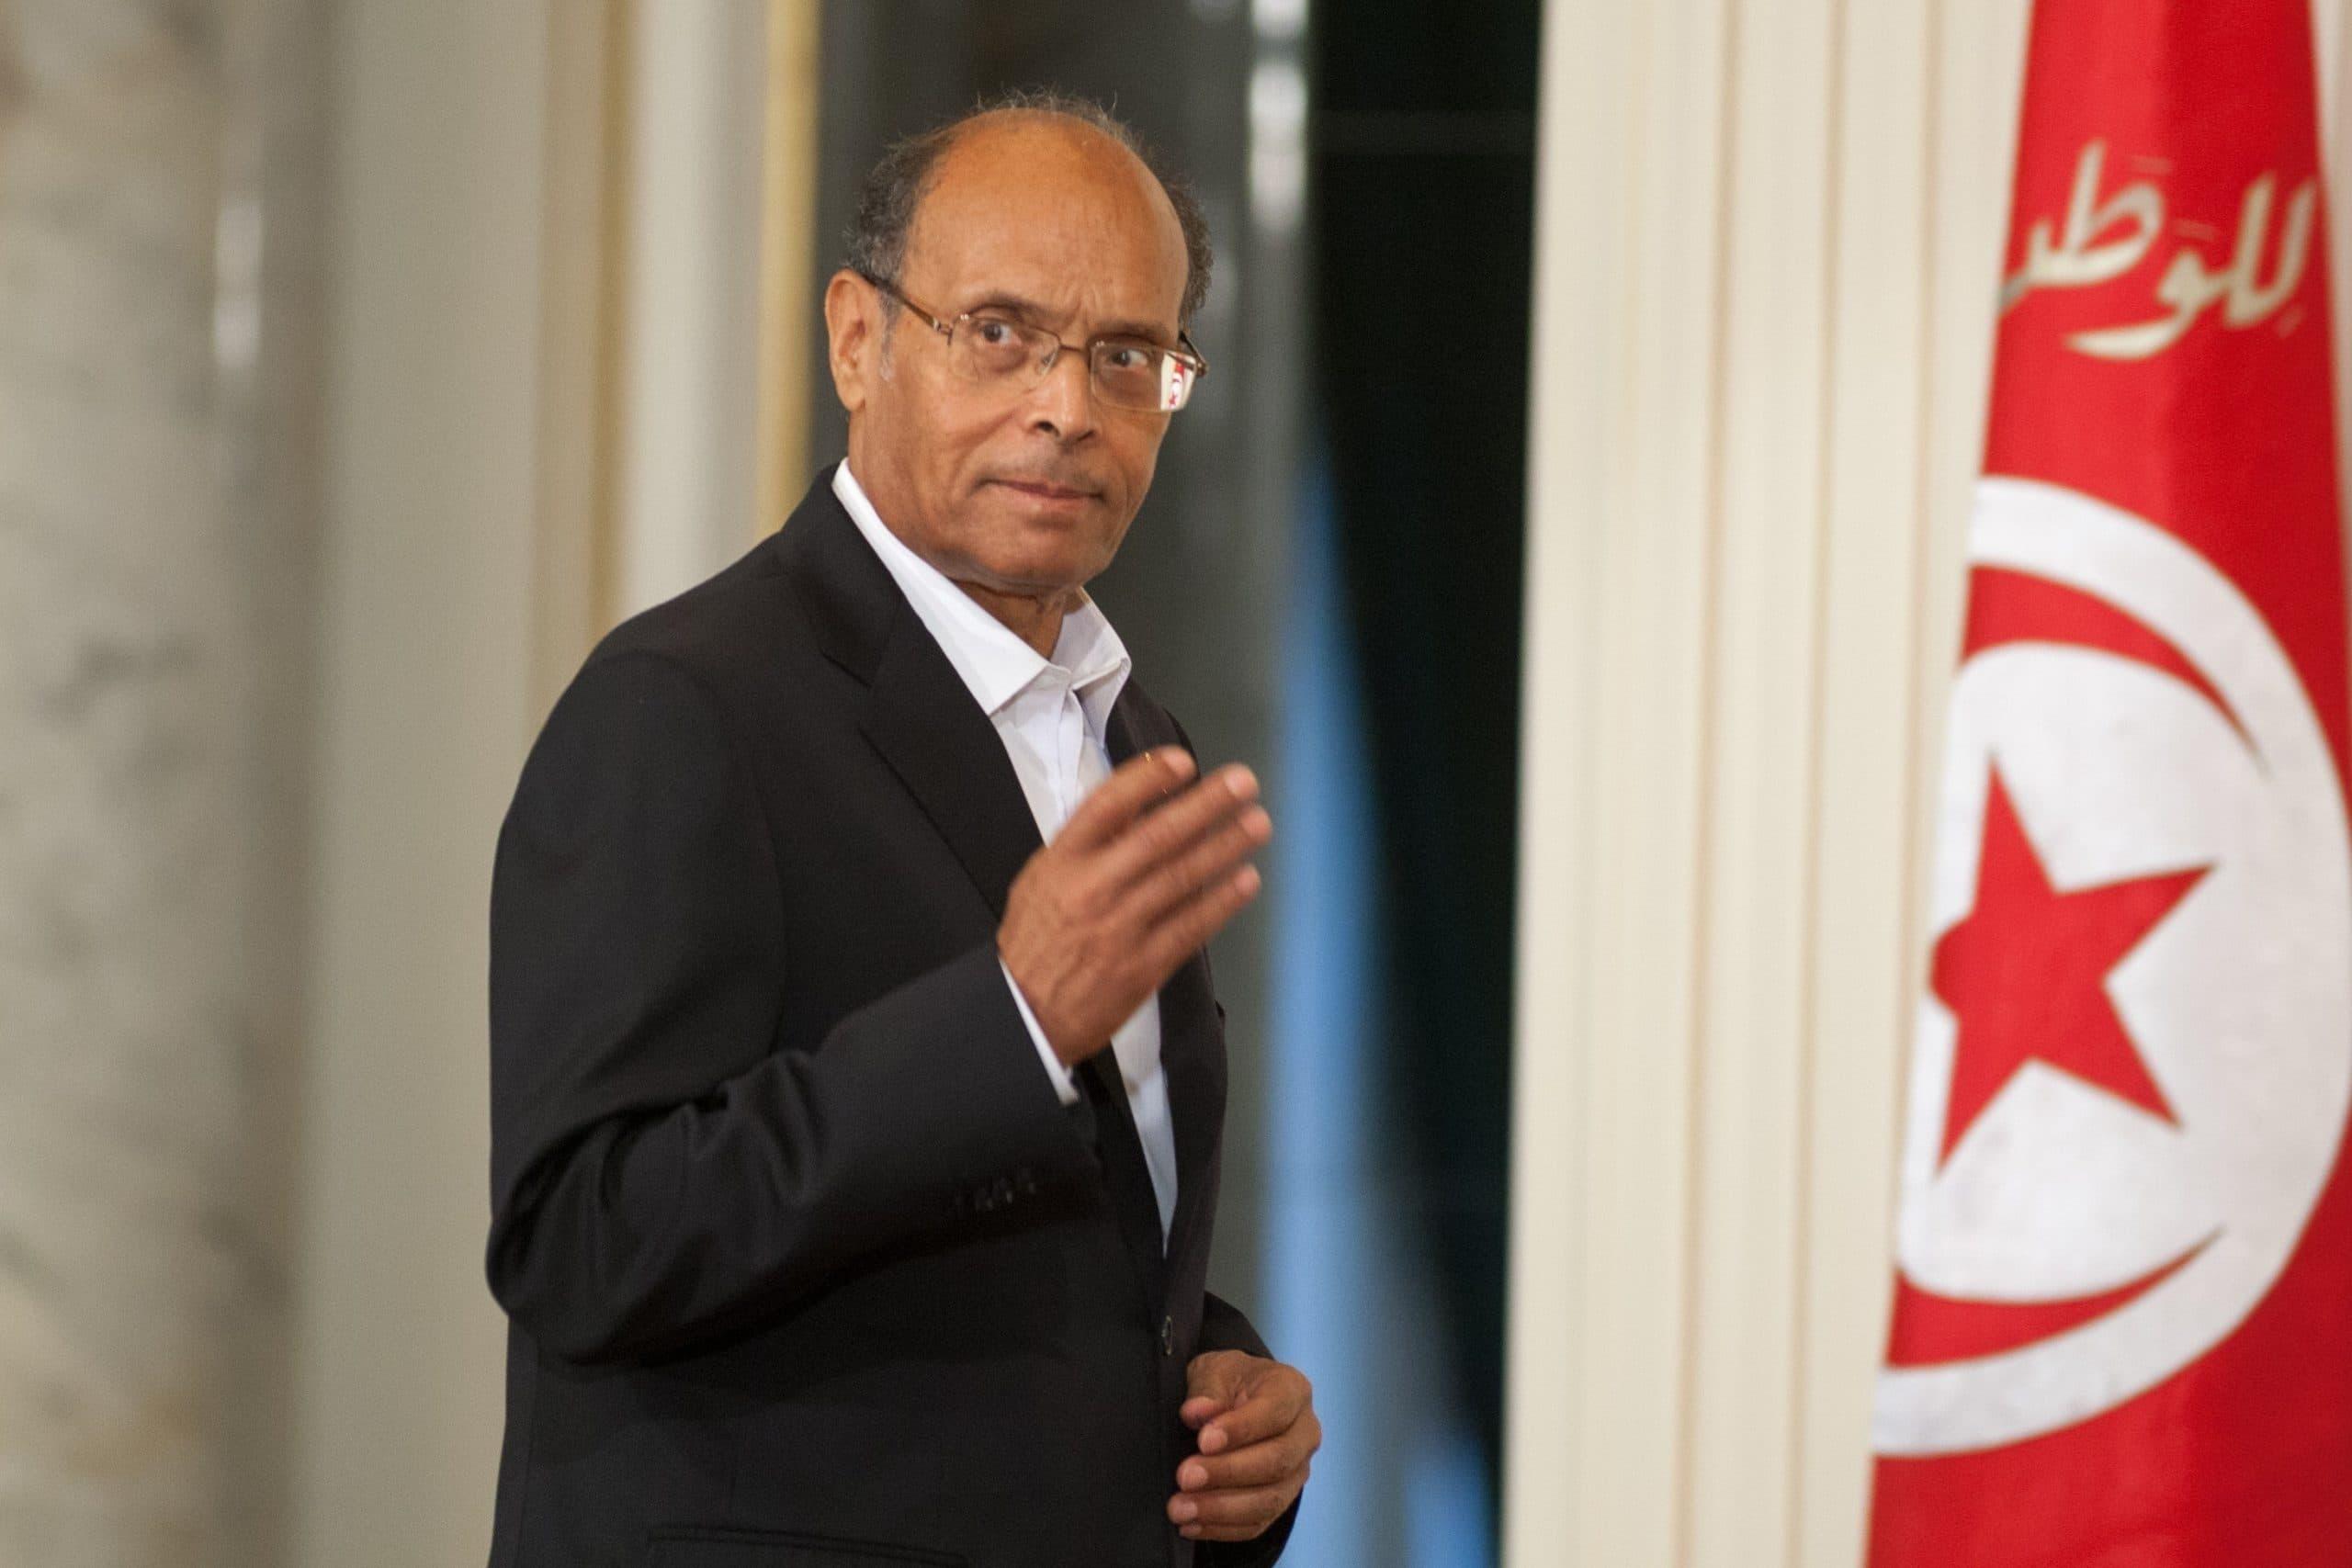 """المرزوقي يدعو إلى عزل قيس سعيد ومحاكمته وانتخاب """"رئيس عاقل"""" يجمع التونسيين"""